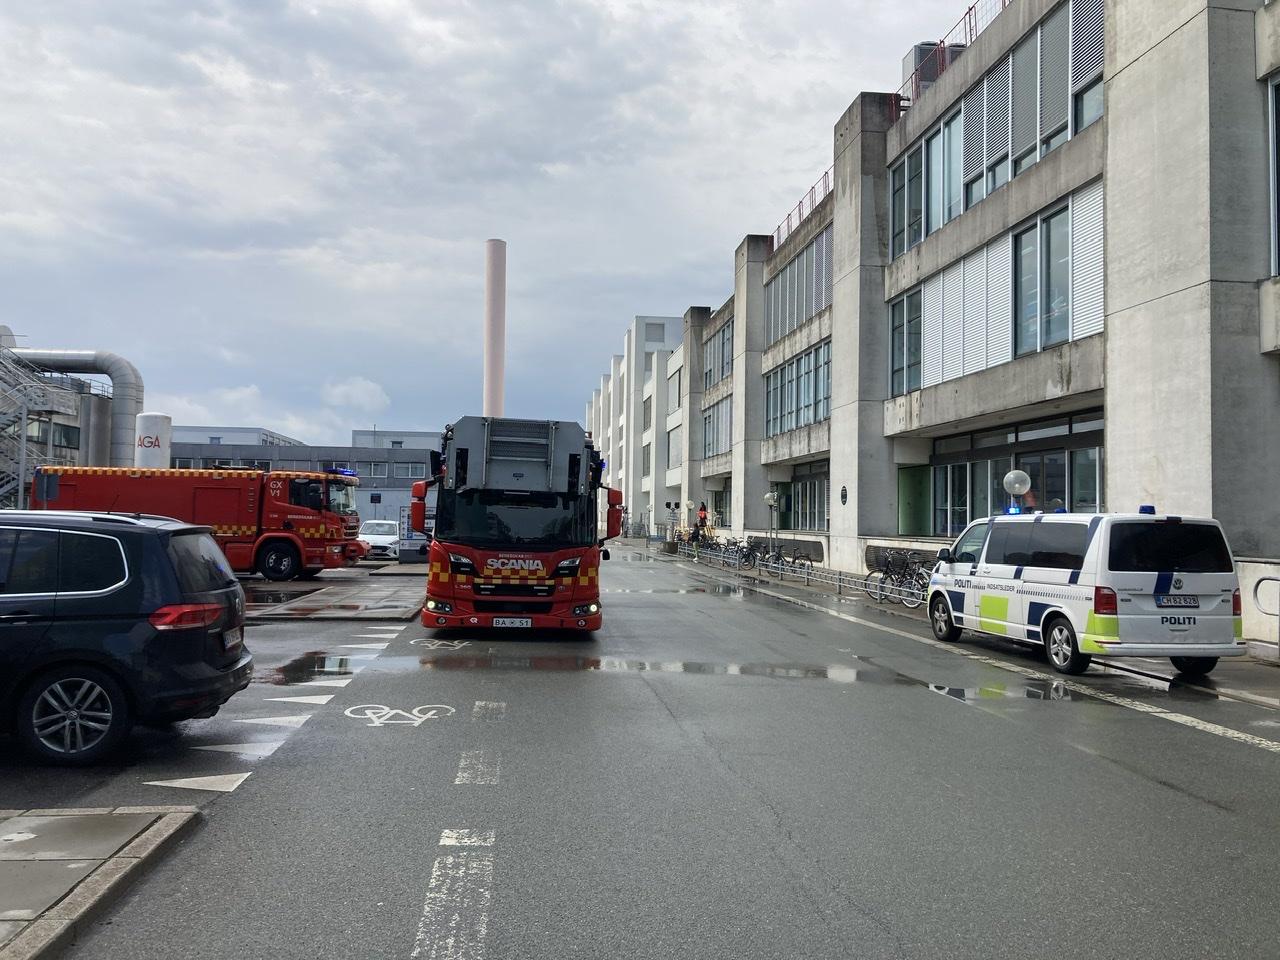 Ild i bil på Herlev hospital